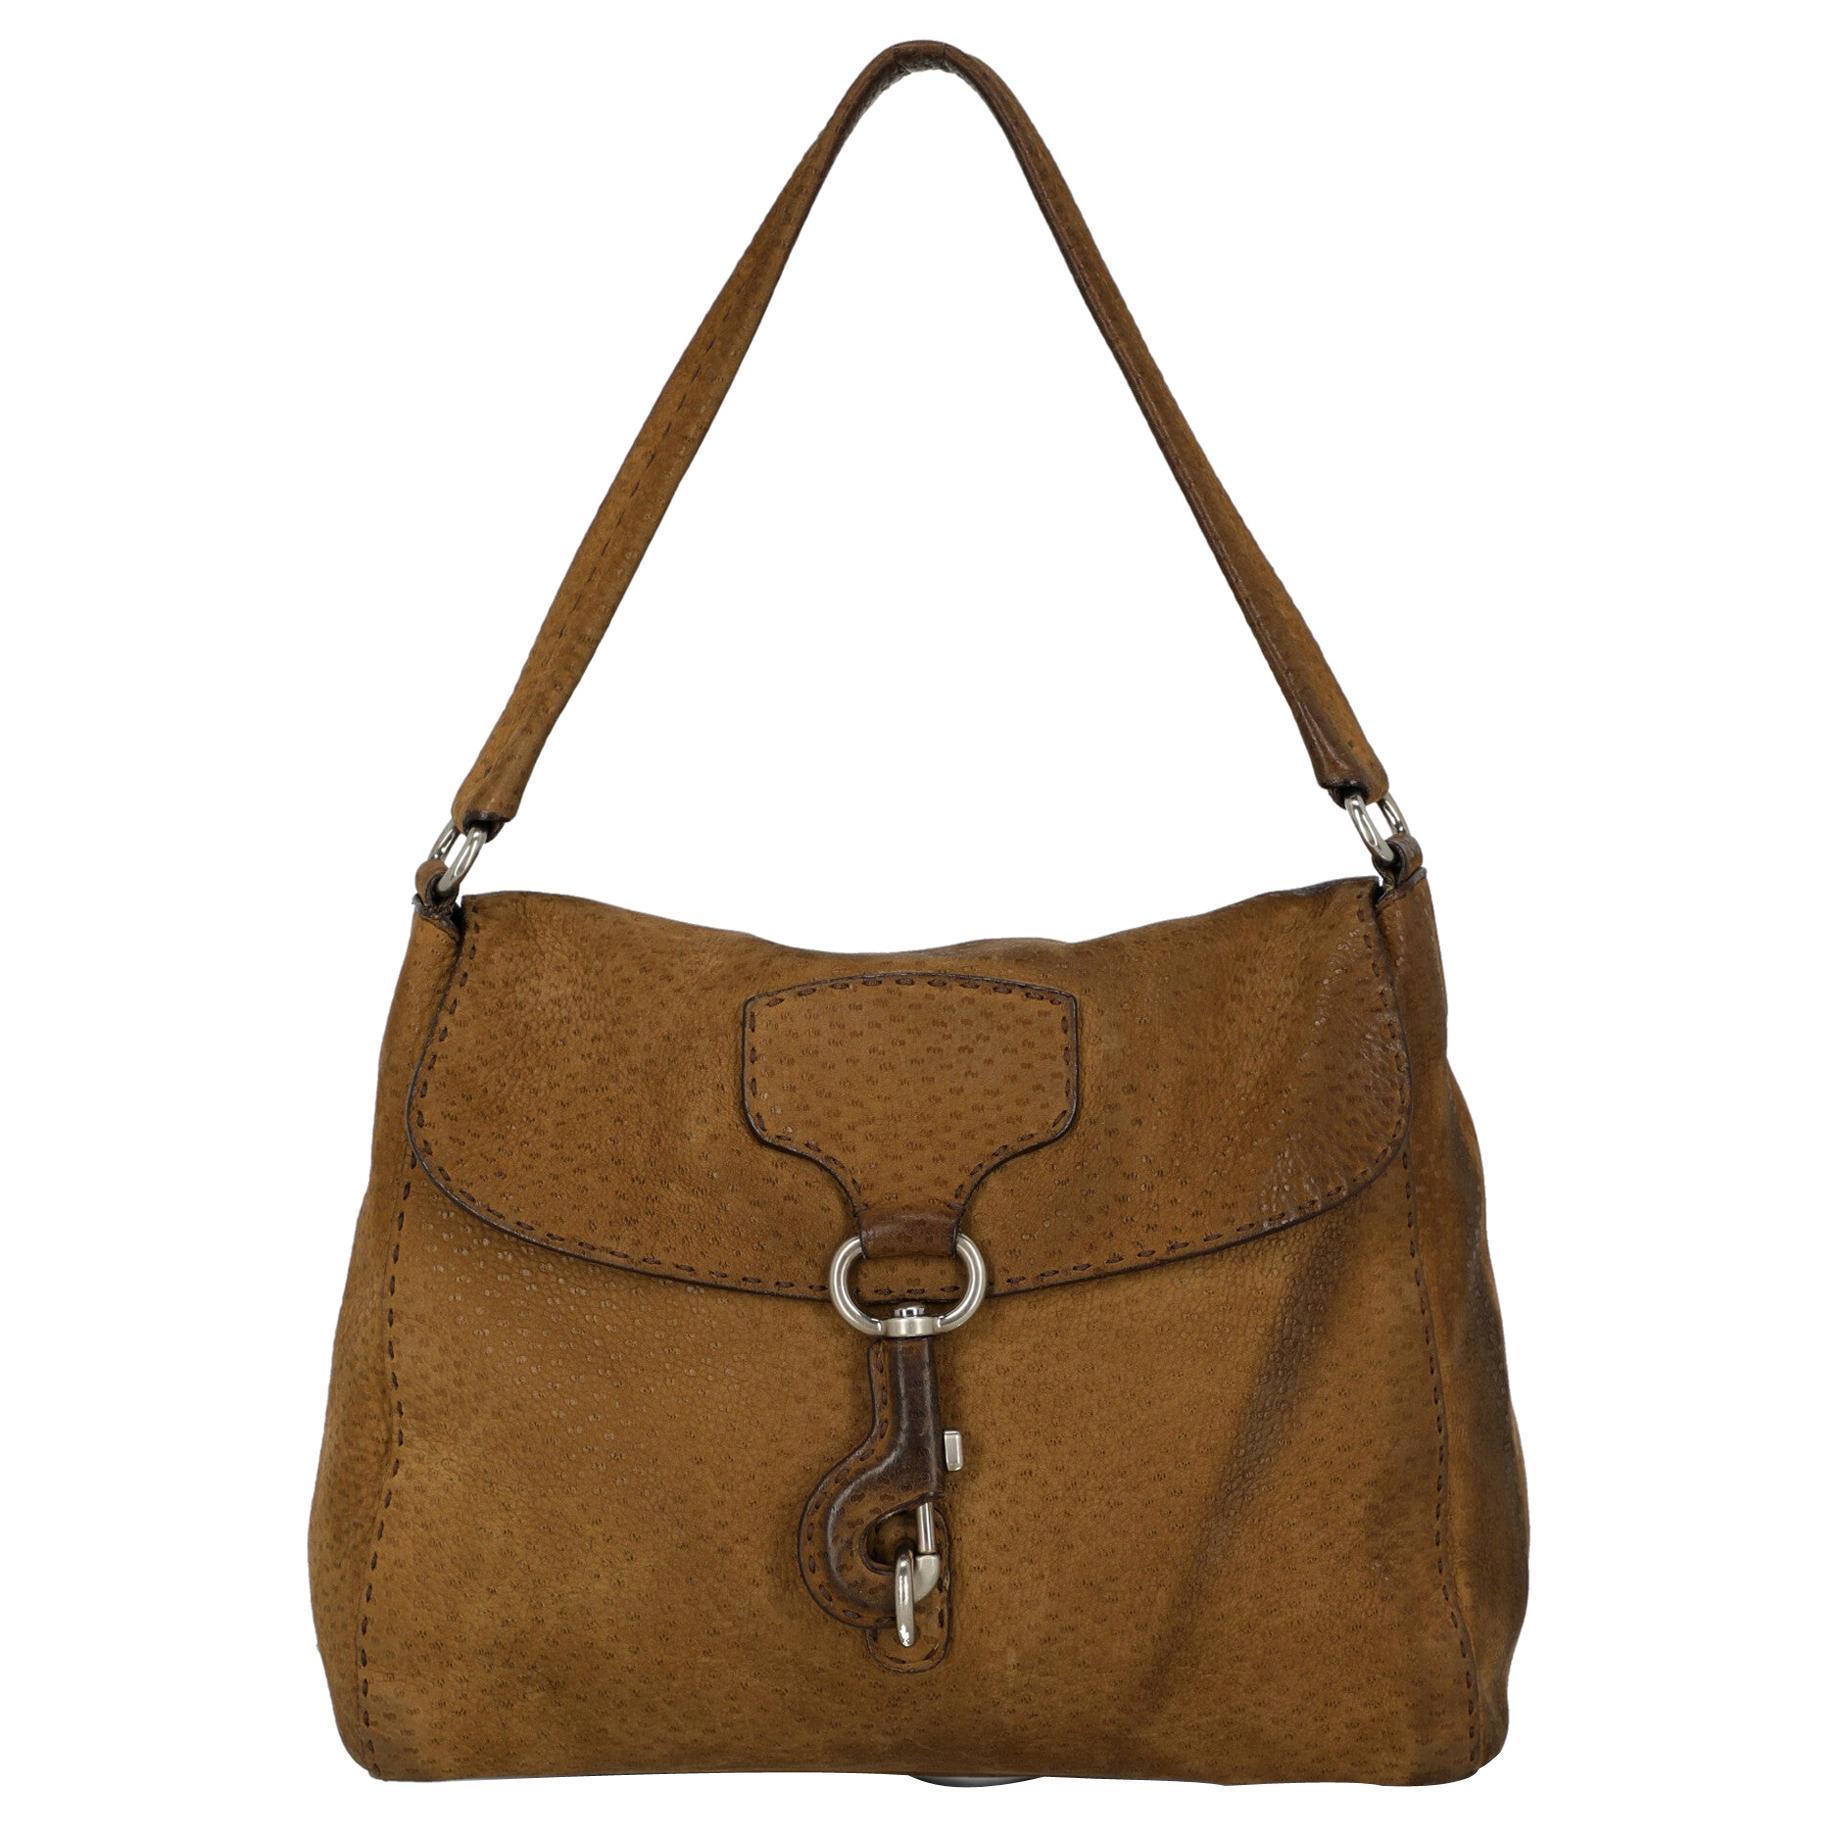 Prada Woman Shoulder bag Camel Color Leather